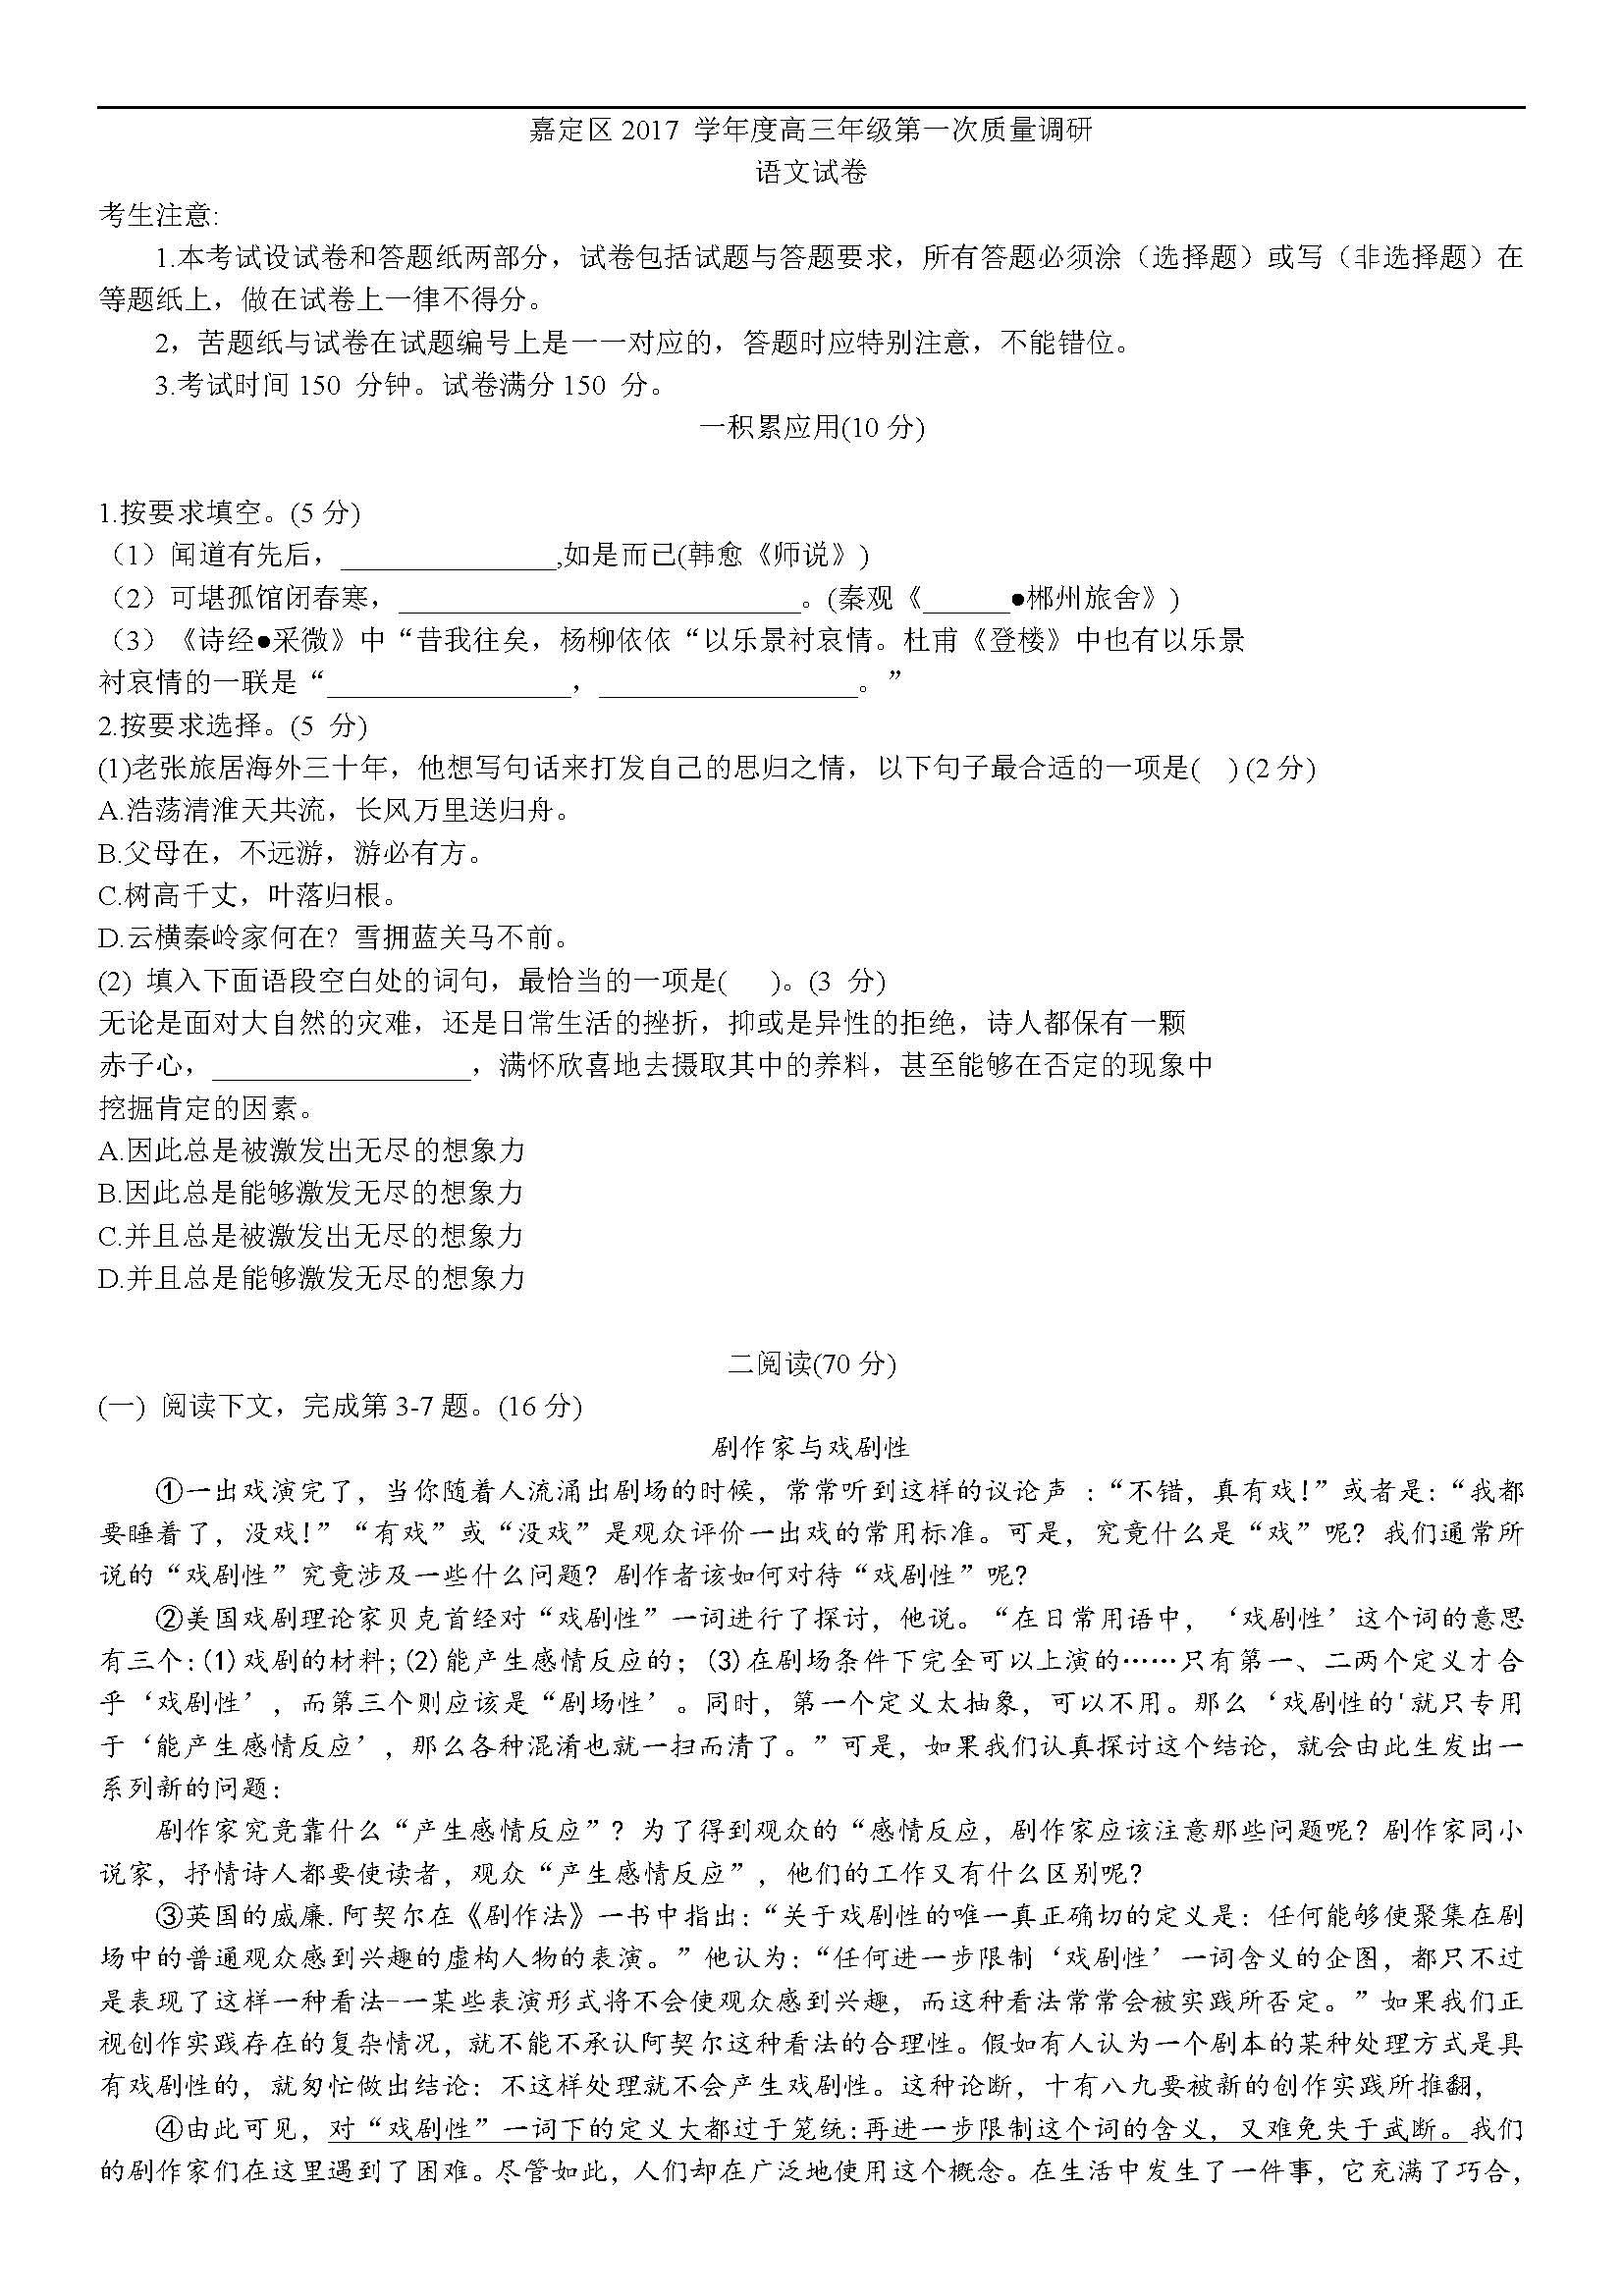 2018上海长宁区高三一模语文试卷及答案